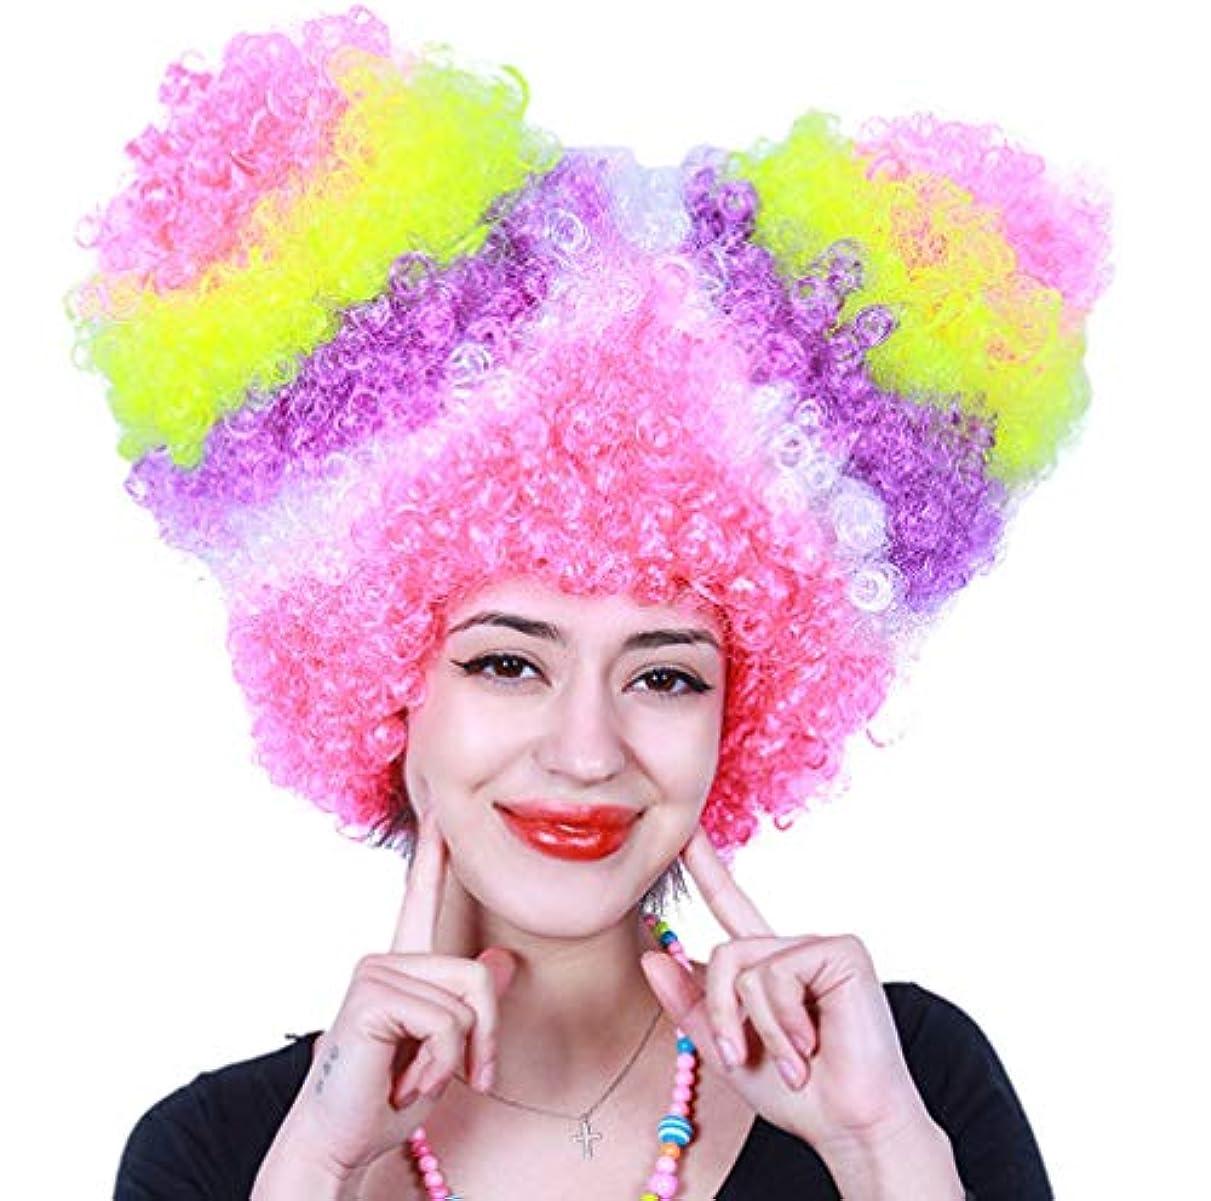 知性適切にかすかな女性かつらダンス妖精ピエロかつらピエロコスチュームパーティー小道具ドレスアップアクセサリー結婚式フェスティバルカーニバルパーティー